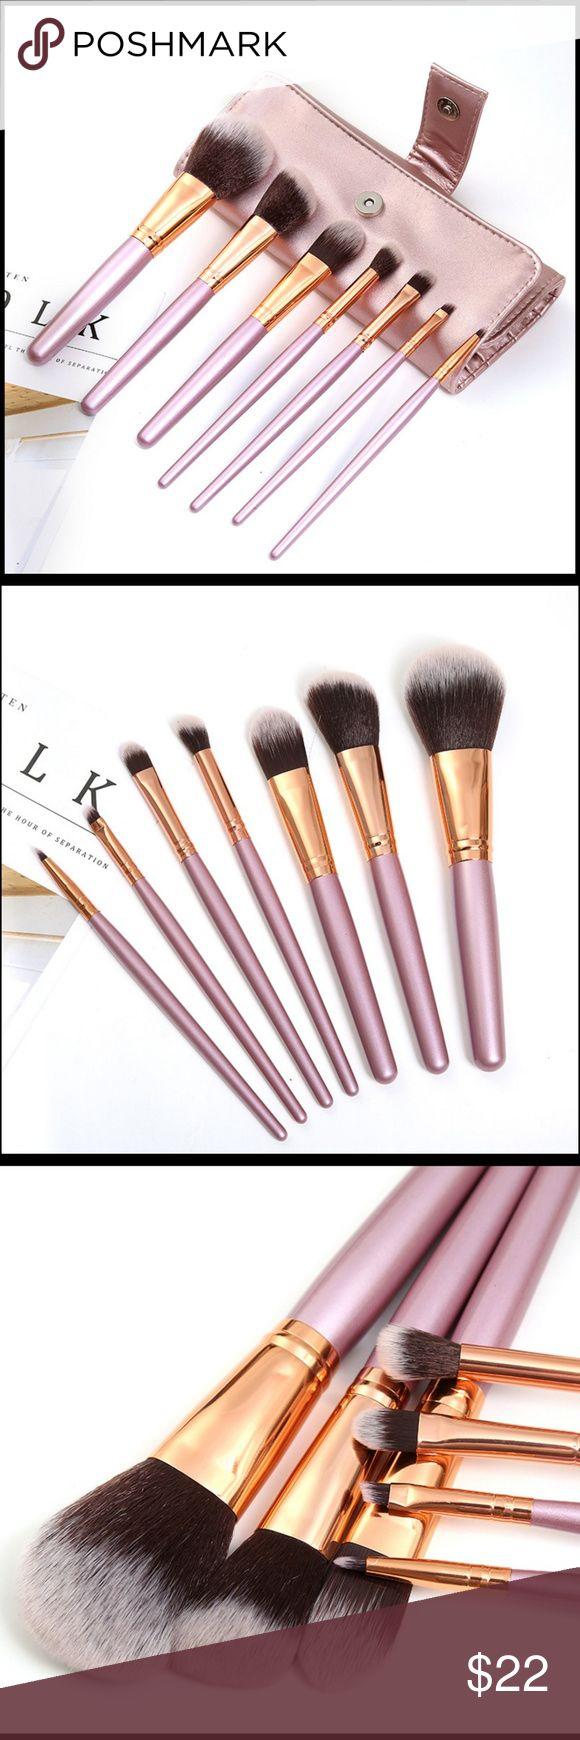 NEW 7pc Travel Makeup Brush Set W / Bag Travel makeup